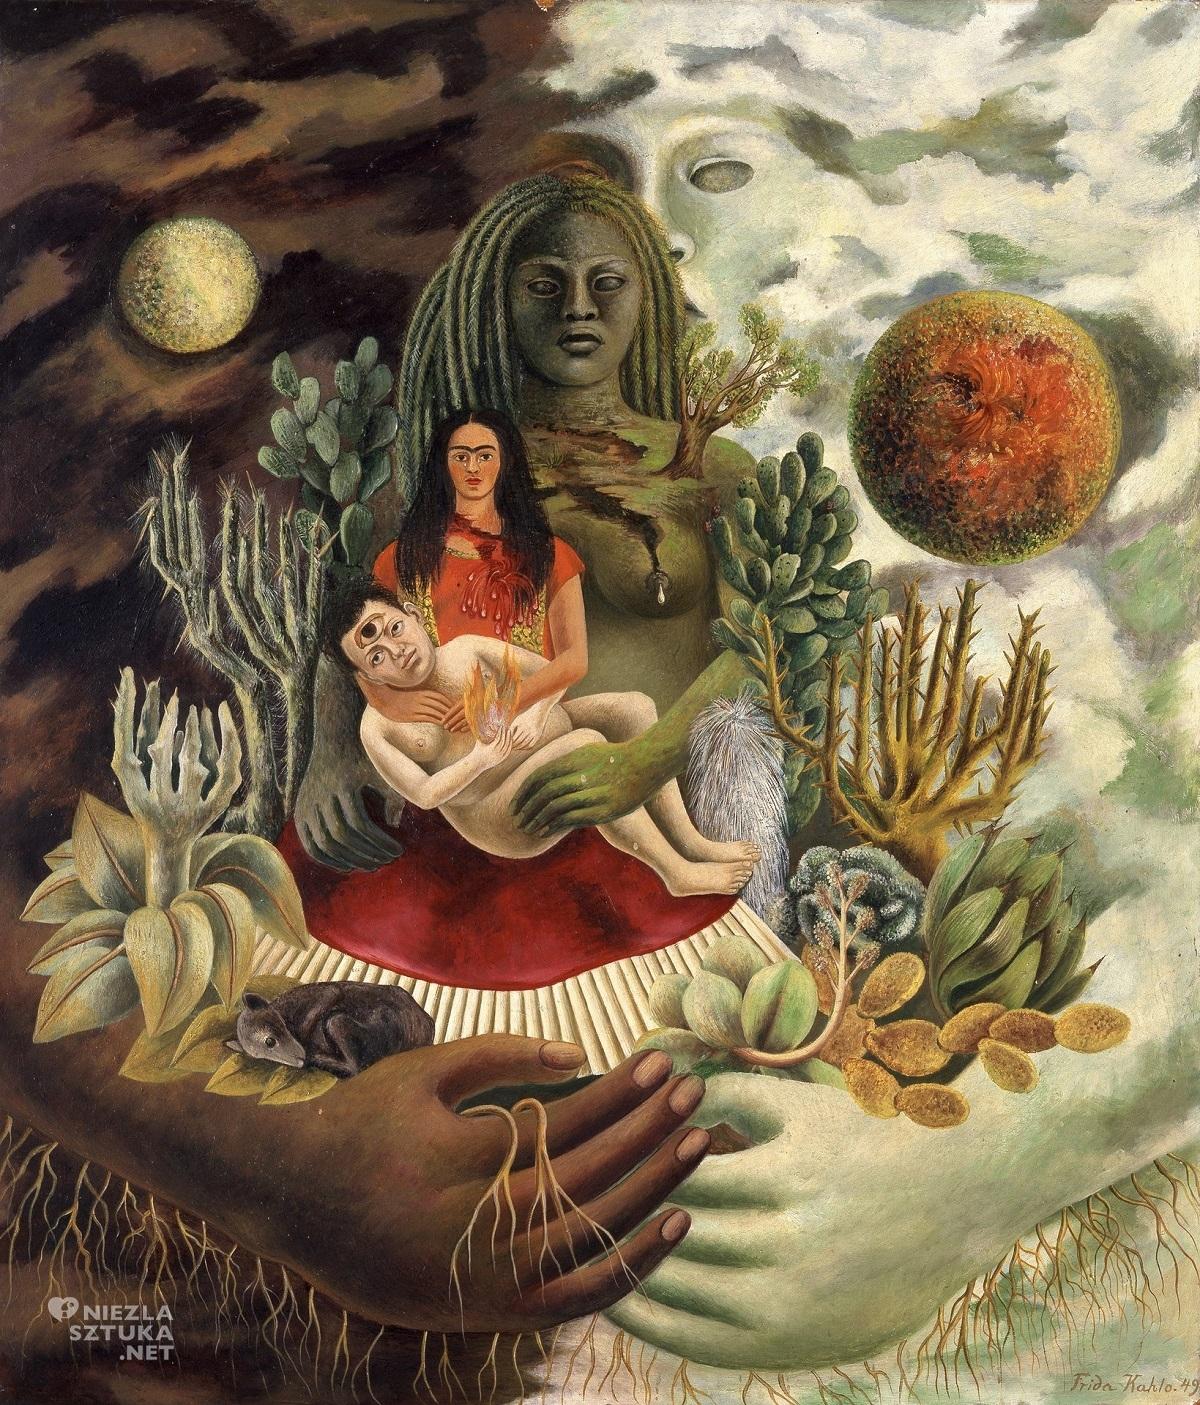 Frida Kahlo Miłosny uścisk wszechświata, Ziemia, Ja, Diego i Pan Xolotl